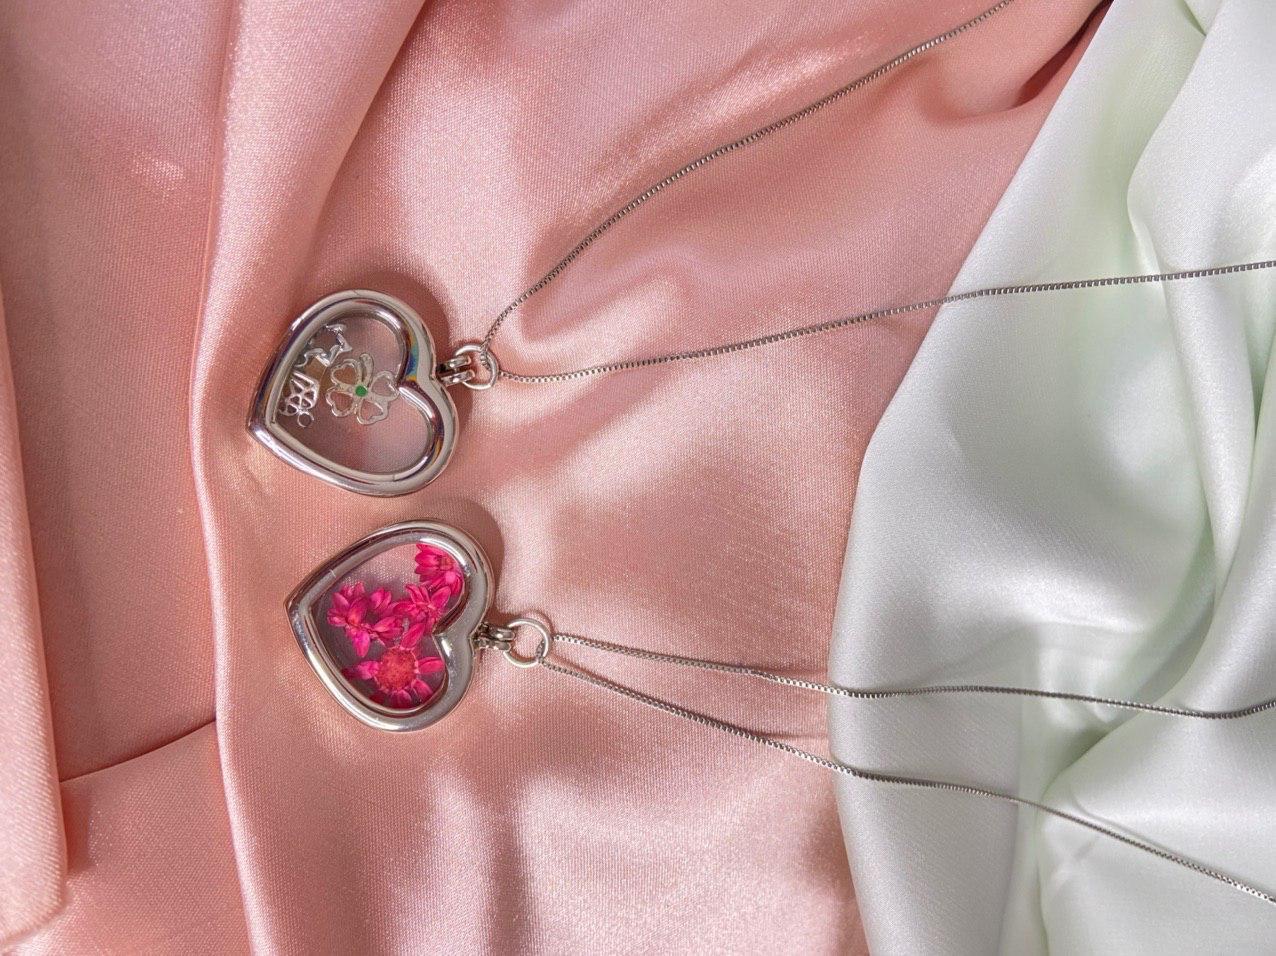 Pingente de cápsula de coração com flores roxa